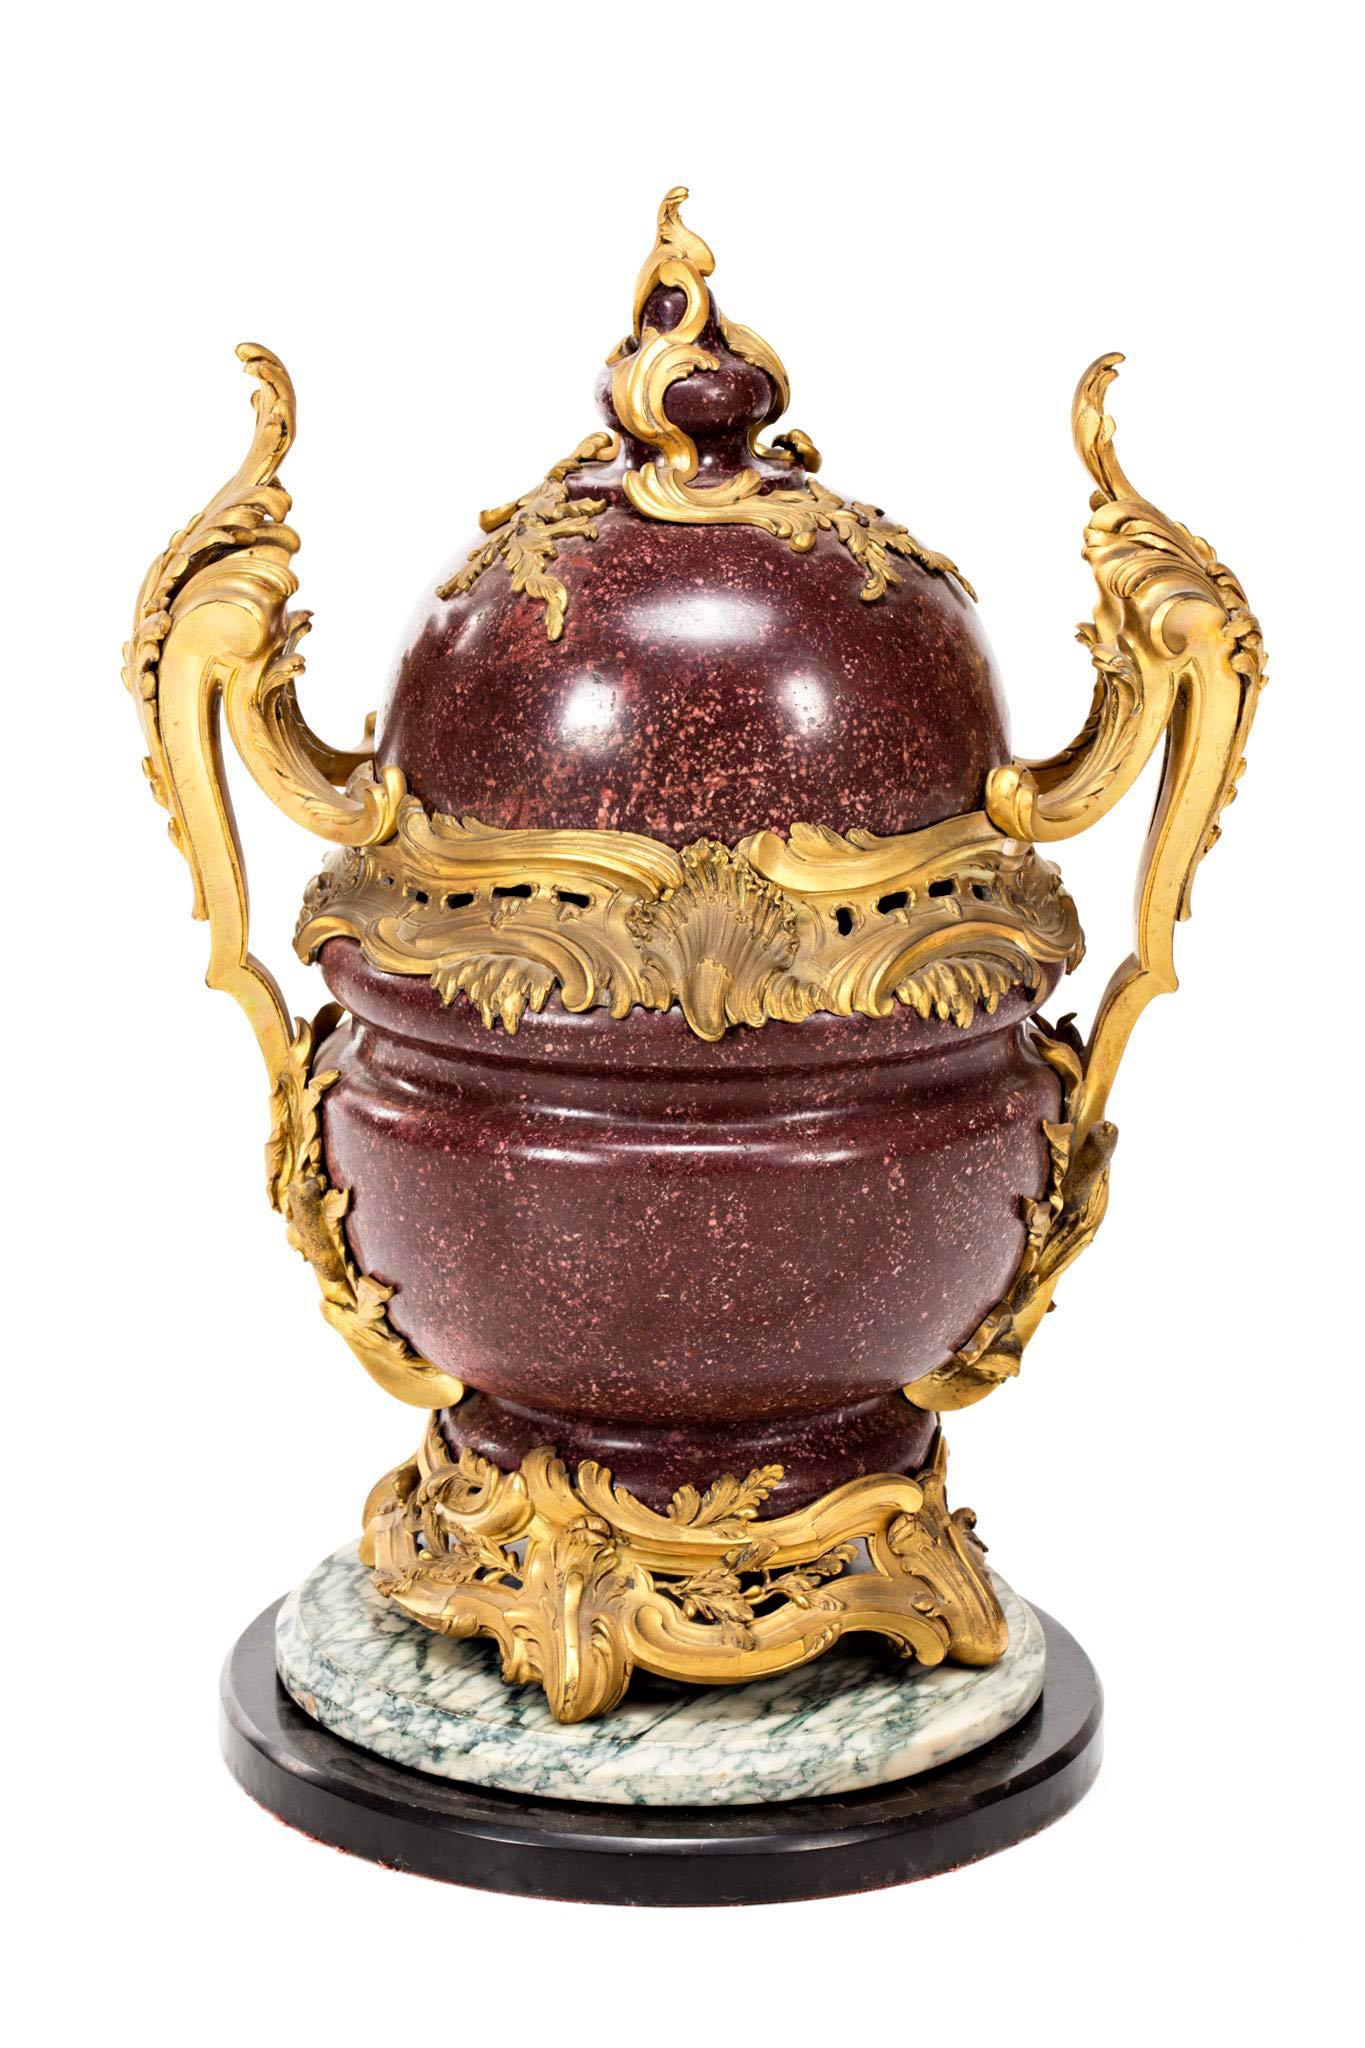 564-Pot-pourri-Napoleón-III-en-pórfido-egipcio-con-montura-estilo-Luis-XV-en-bronce-dorado,-de-la-segunda-mitad-del-siglo-XIX